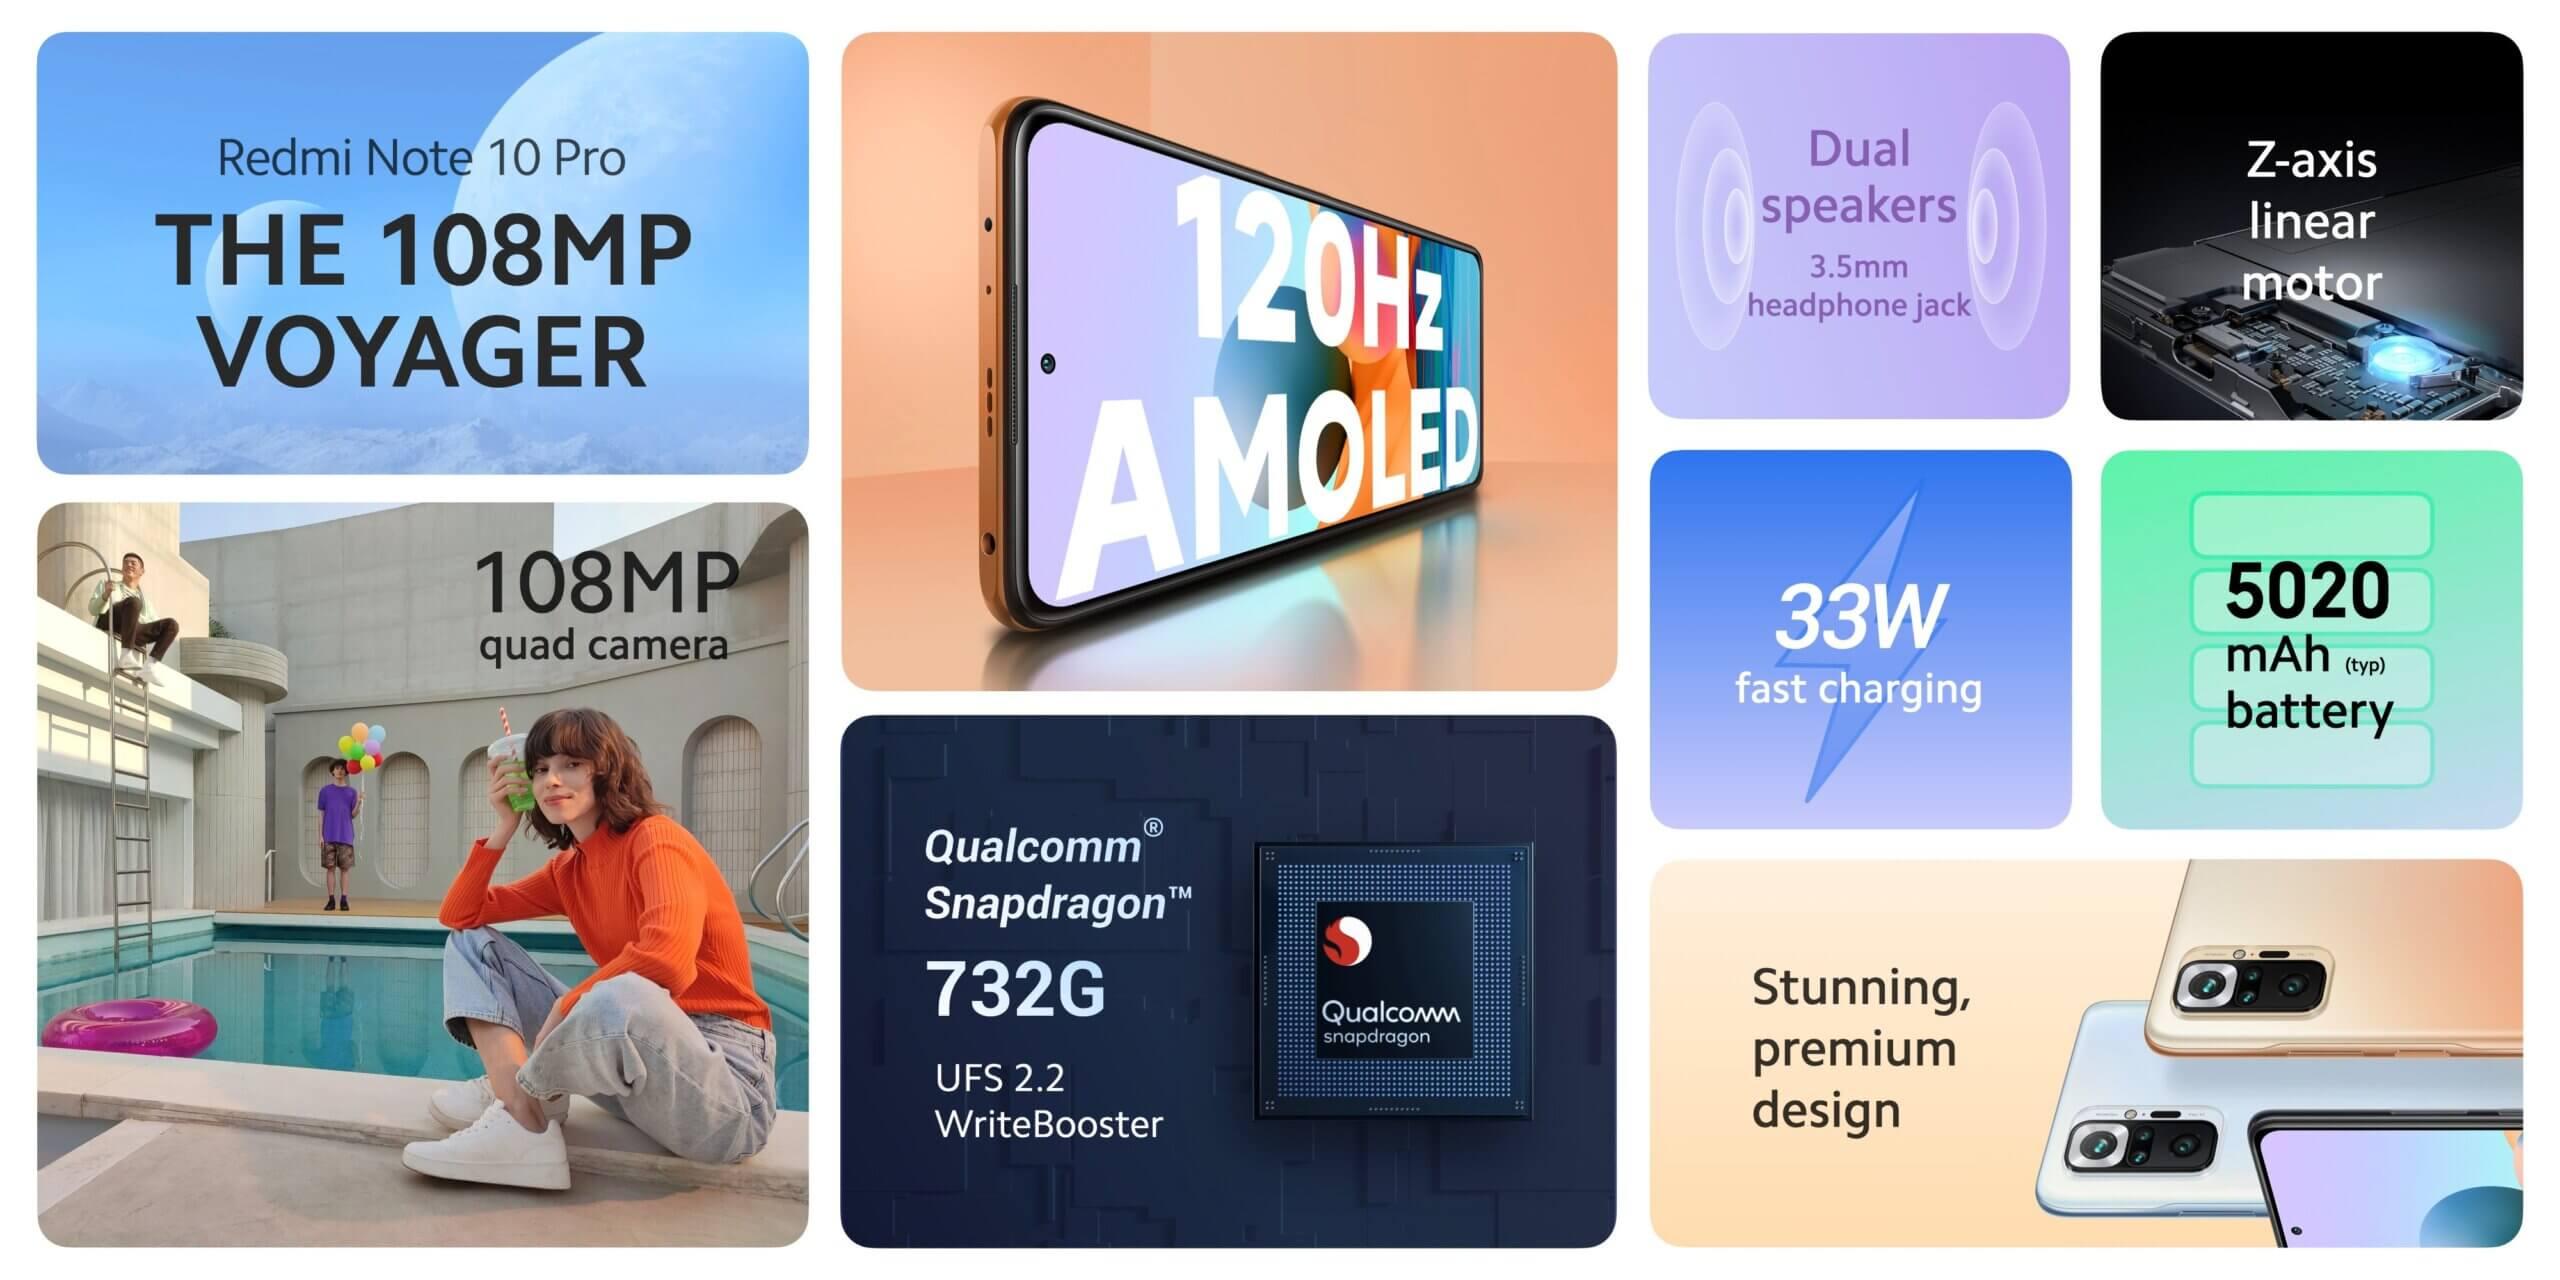 Redmi Note 10 Proは1億万画素に120Hzのリフレッシュレートに対応する有機ELディスプレイ搭載